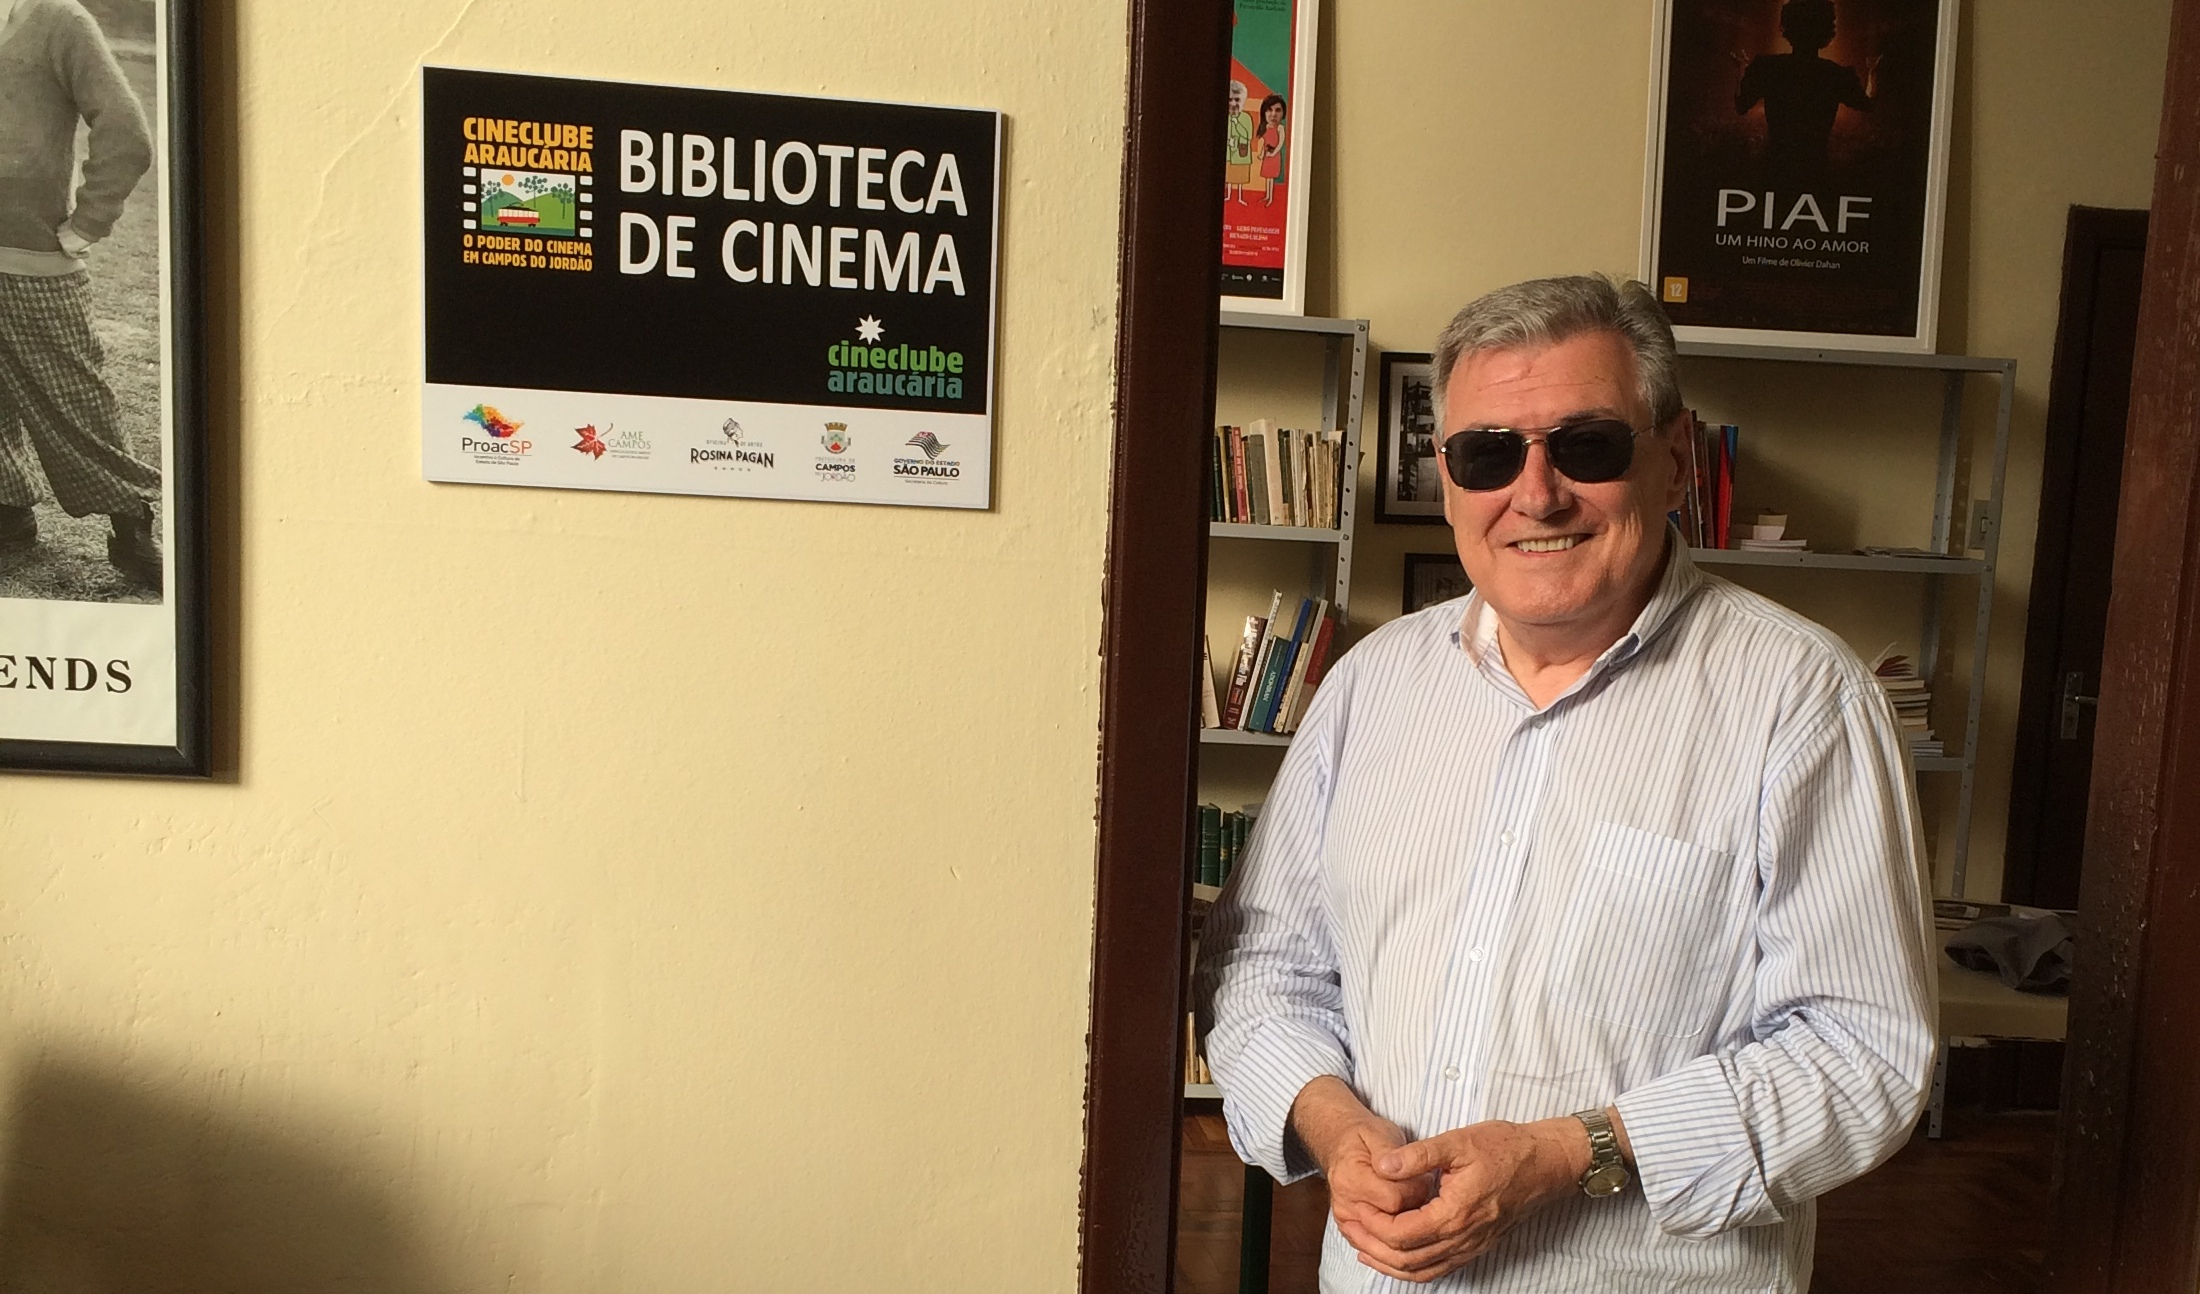 Cervantes Sobrinho, presidente do Cineclube Araucária na Biblioteca do Memorial Cine Gloria